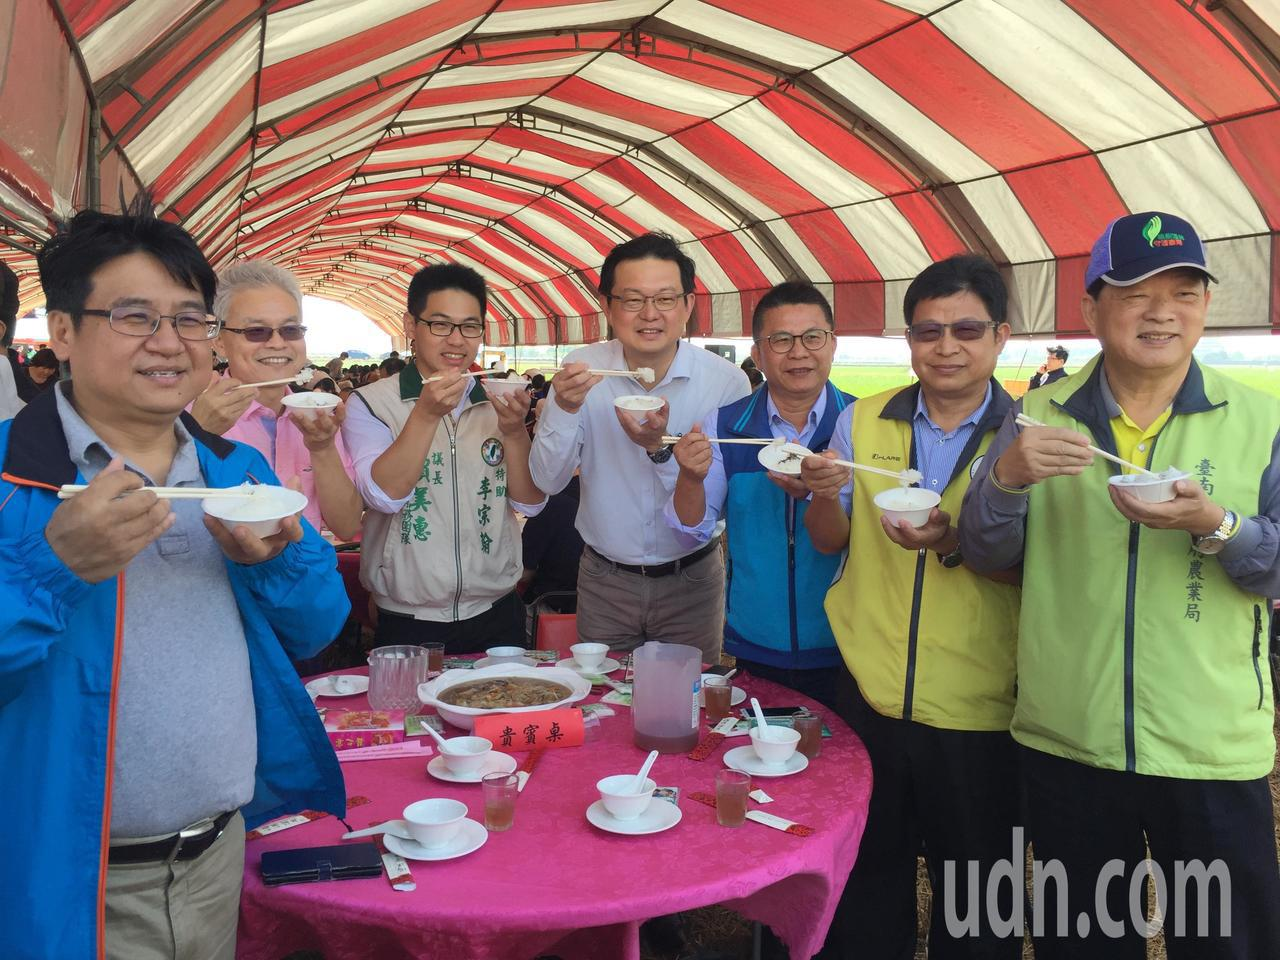 農委會副主委李退之(右四)等人品嘗有台南越光米之稱台南16號。記者吳政修/攝影